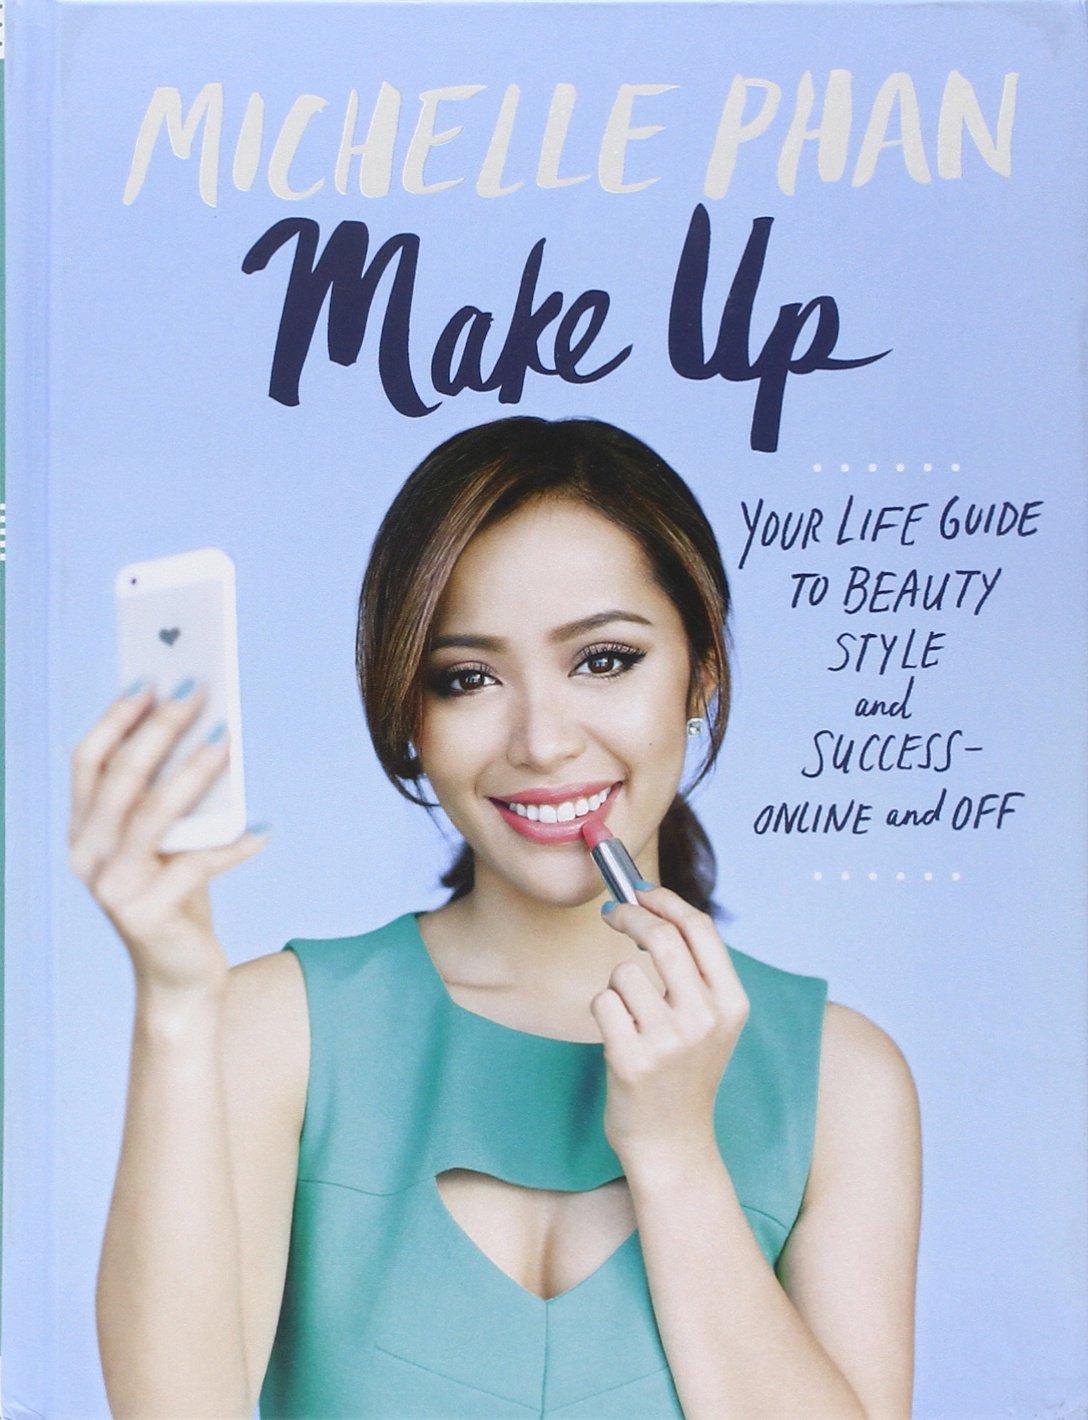 Libros con Consejos de belleza que te encantarán